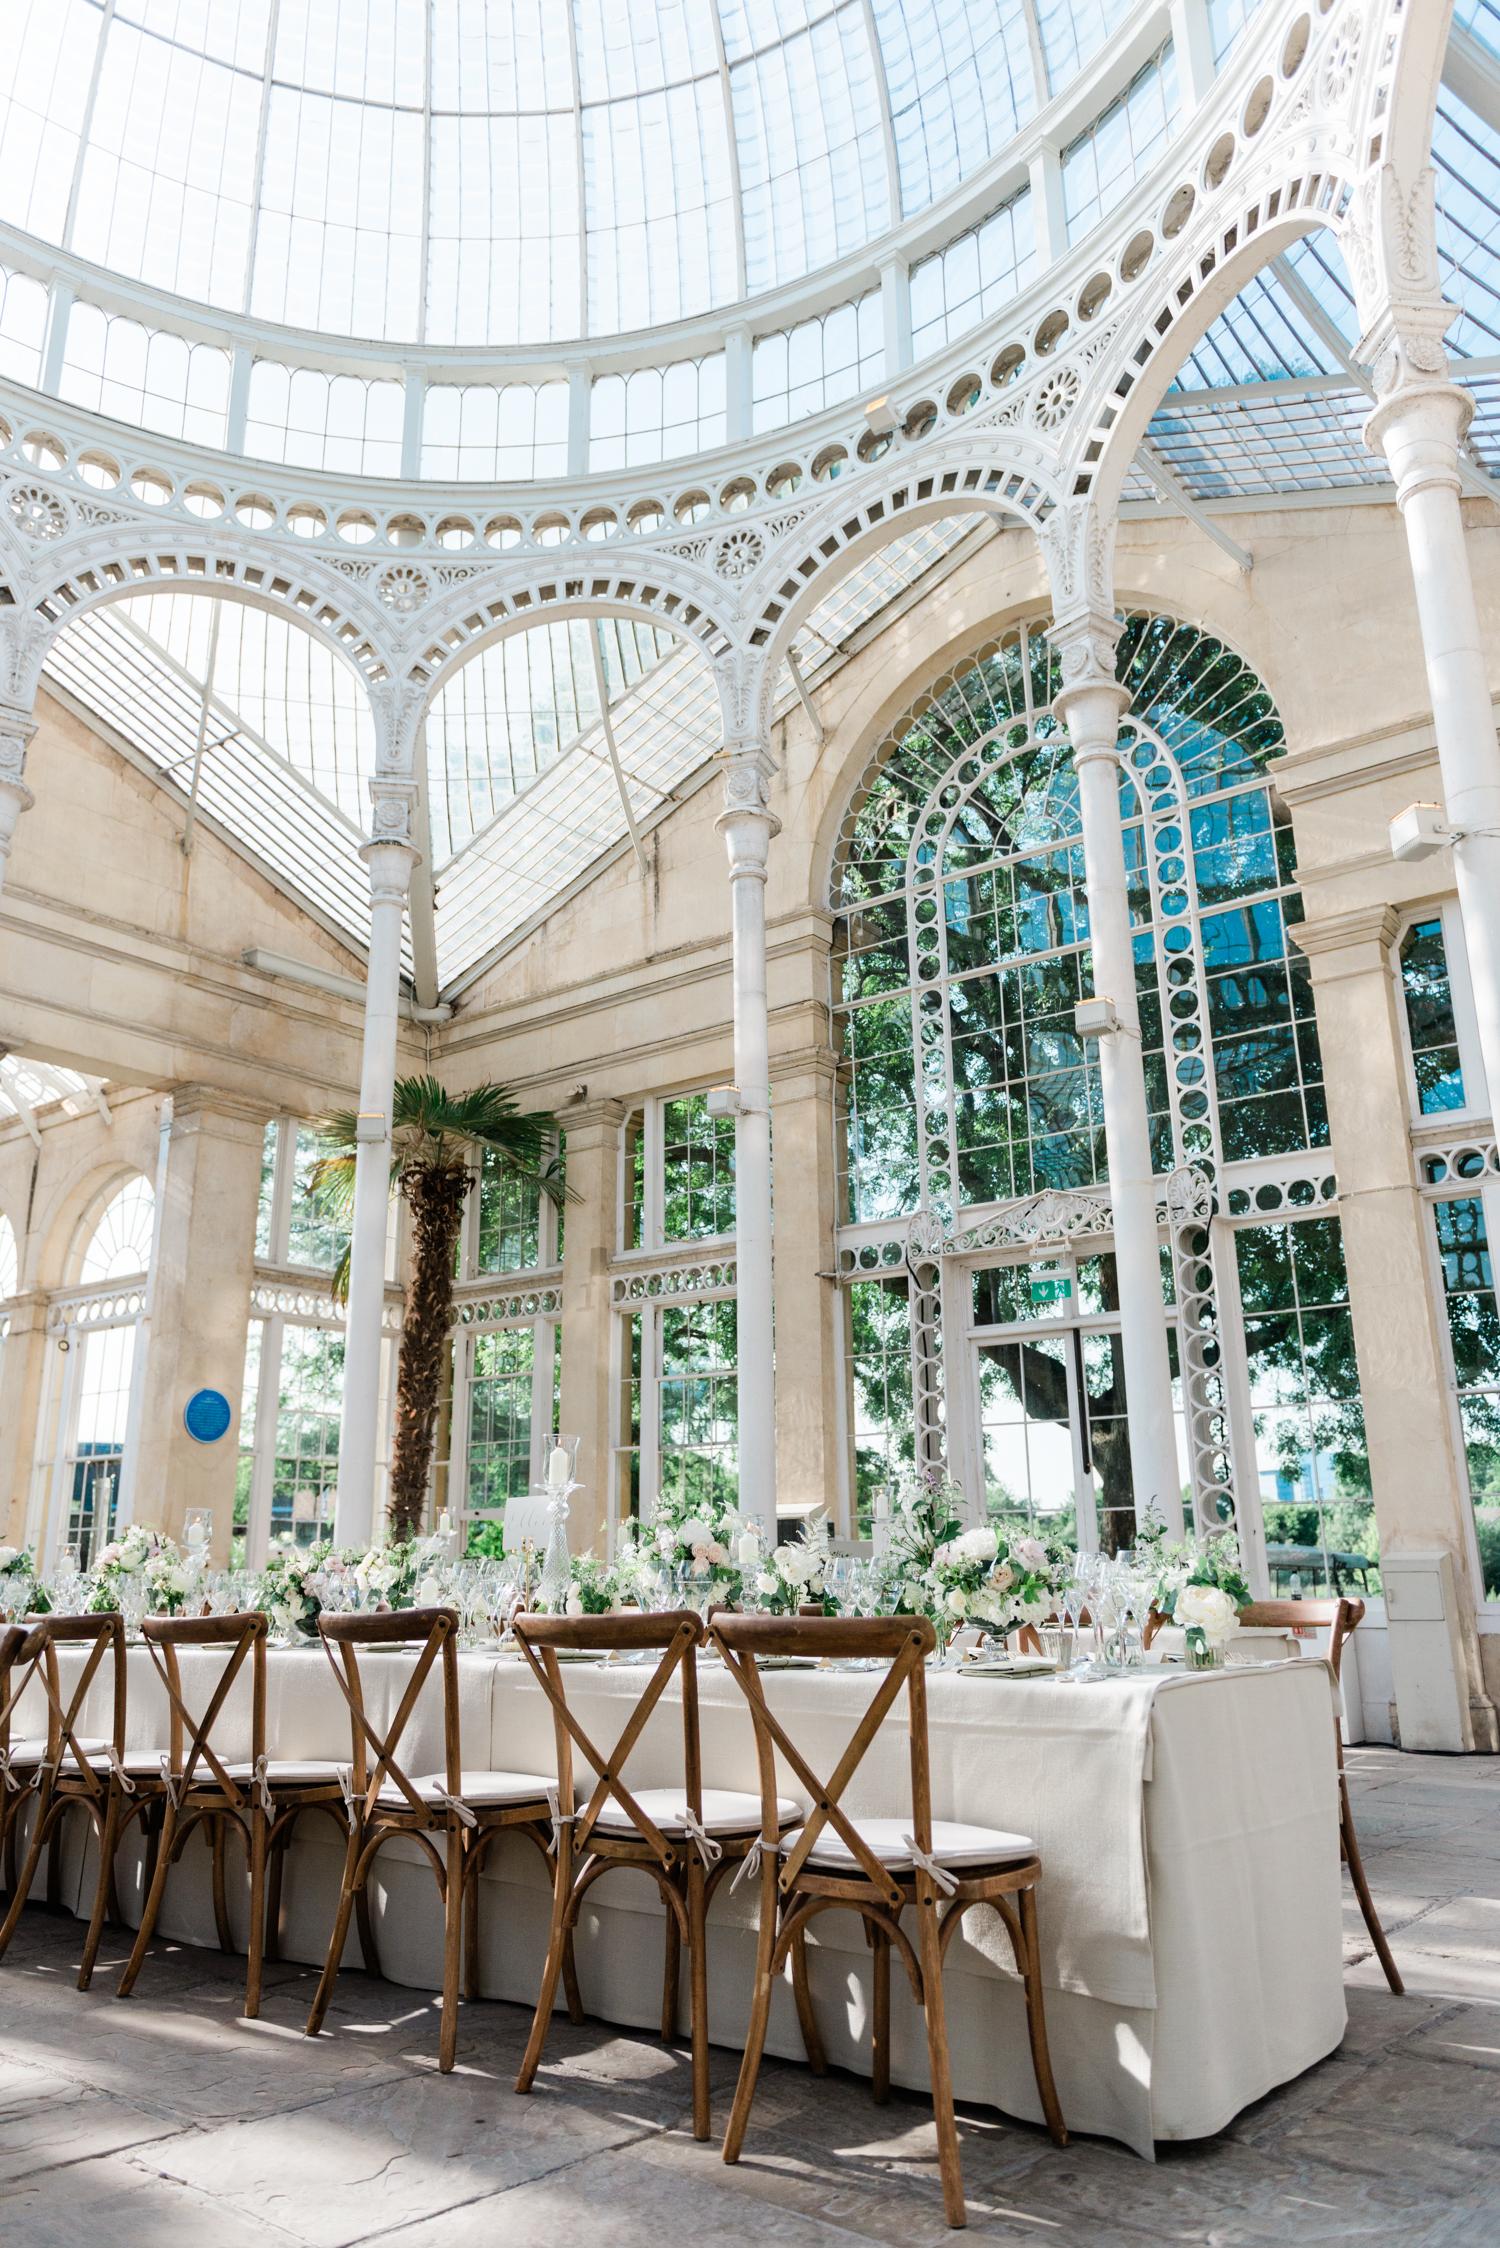 Littleton-Rose-Syon-House-London-Wedding-Planner-glasshouse.jpg